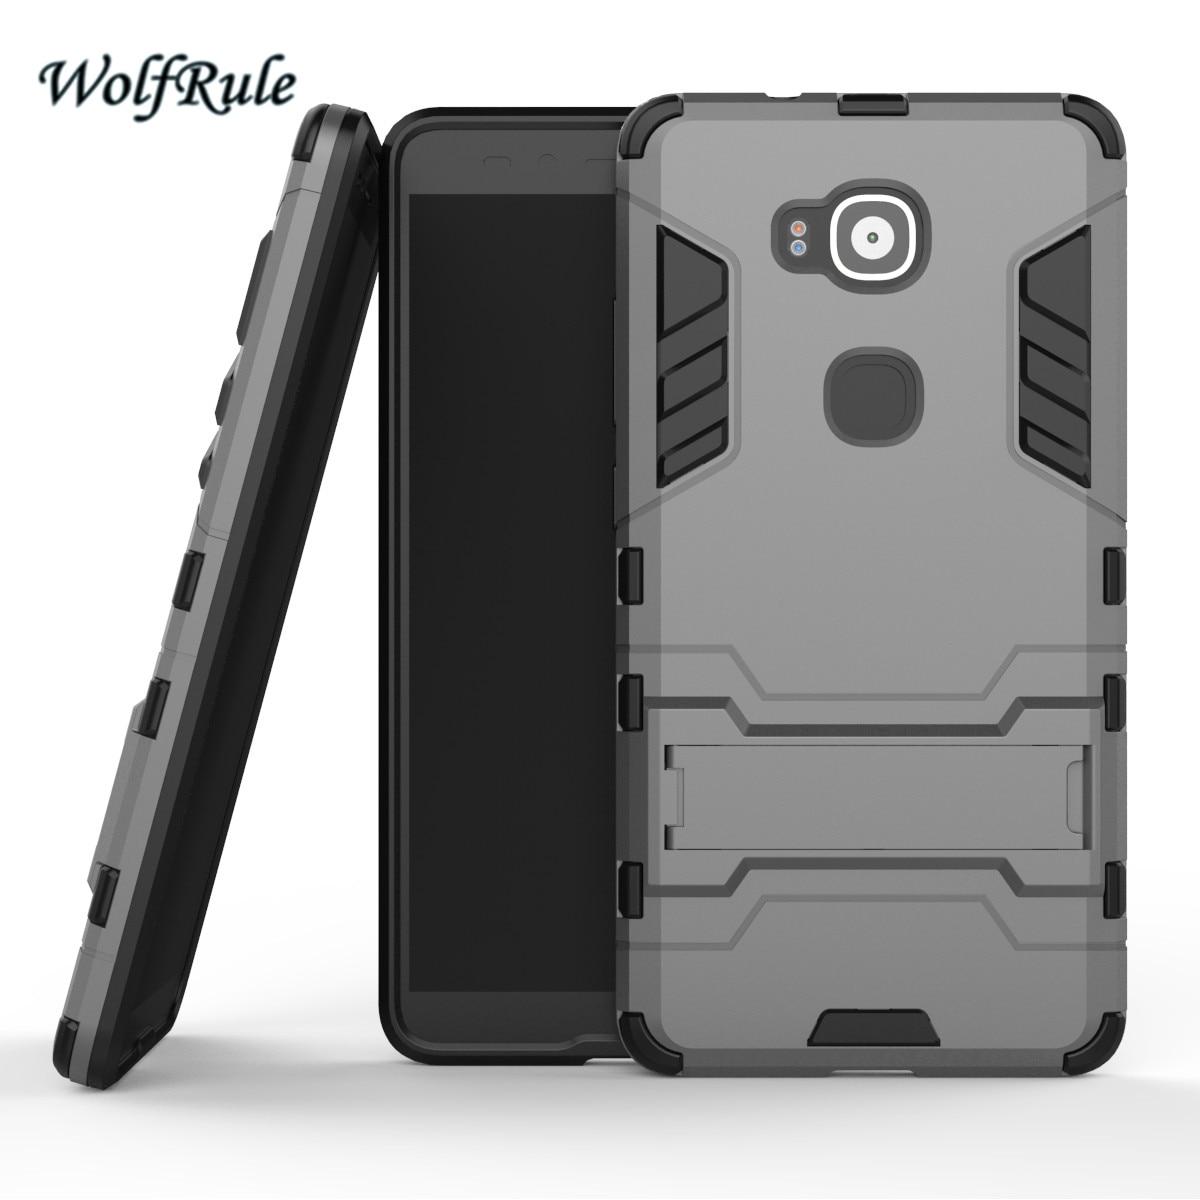 WolfRule Anti-knock Case Huawei G8 Cover Soft Rubber + Hybrid Plastic - Reservdelar och tillbehör för mobiltelefoner - Foto 3